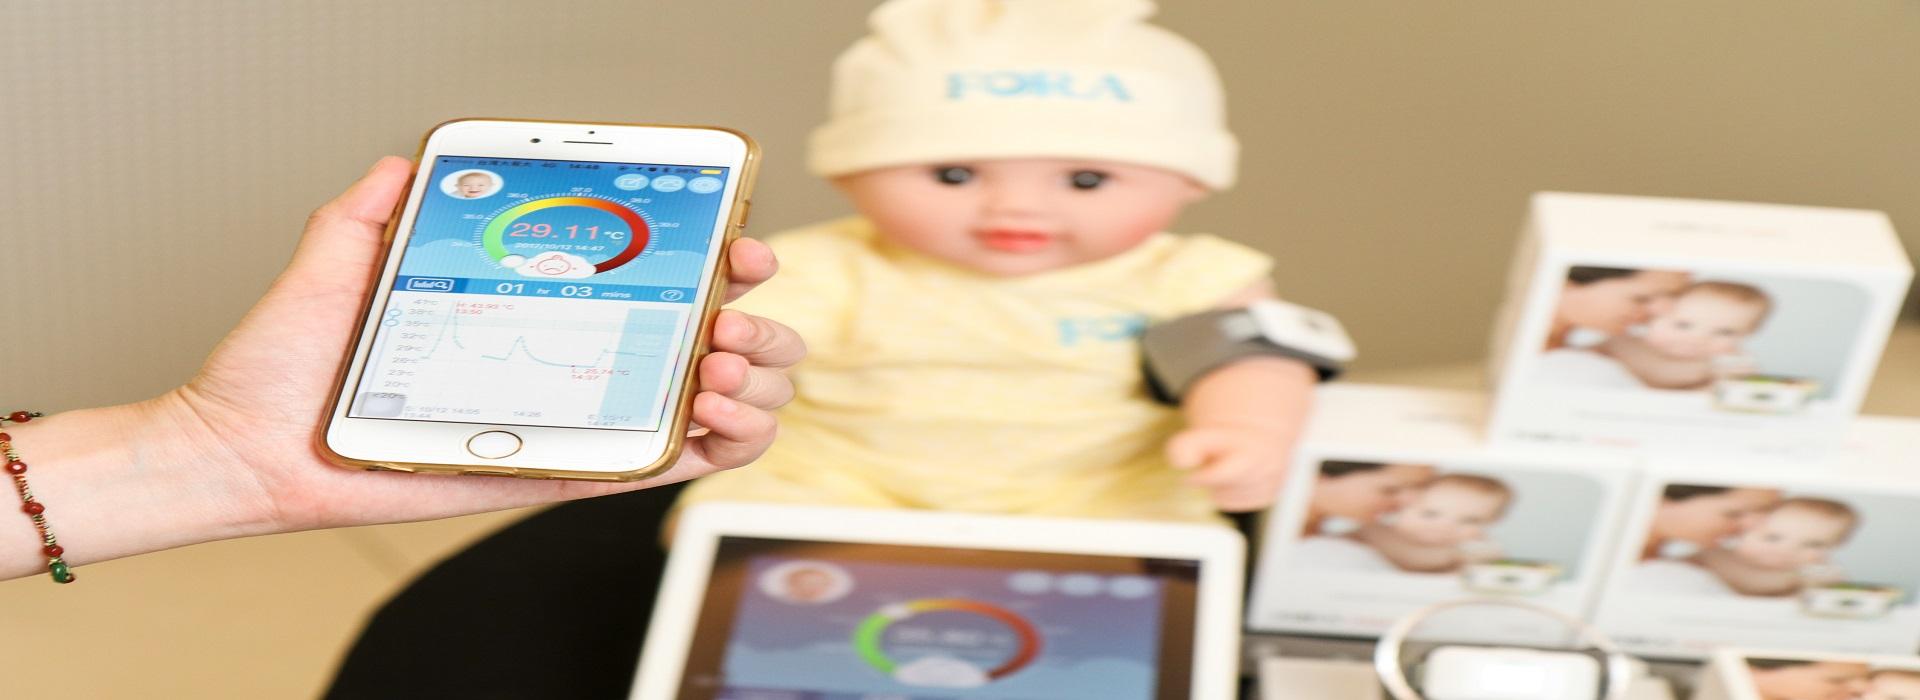 遠端醫療創新 APP監控式電子體溫計